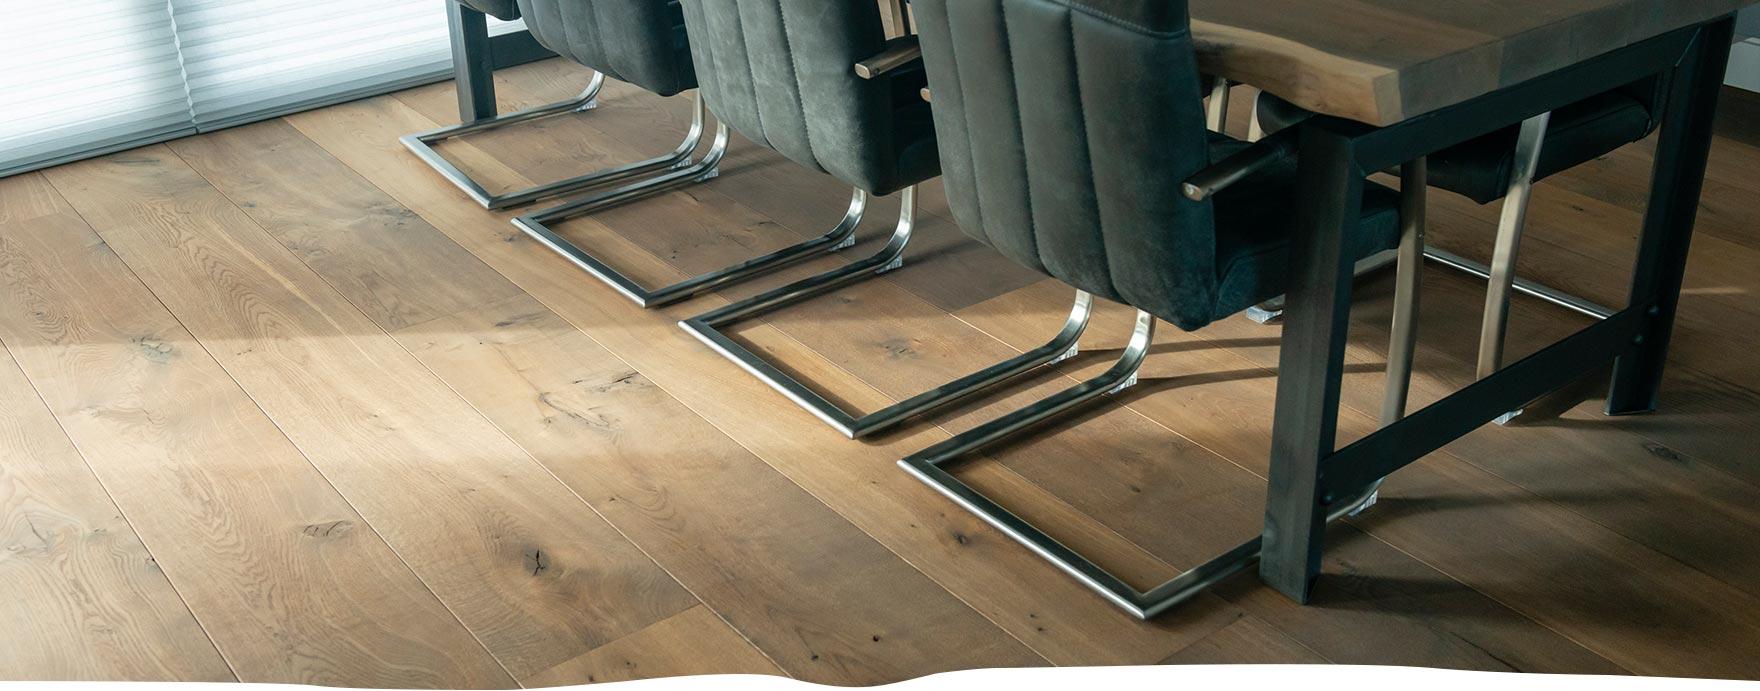 Duoplank vloer, incl. Houtsnip boomstamtafel - De Hout Snip